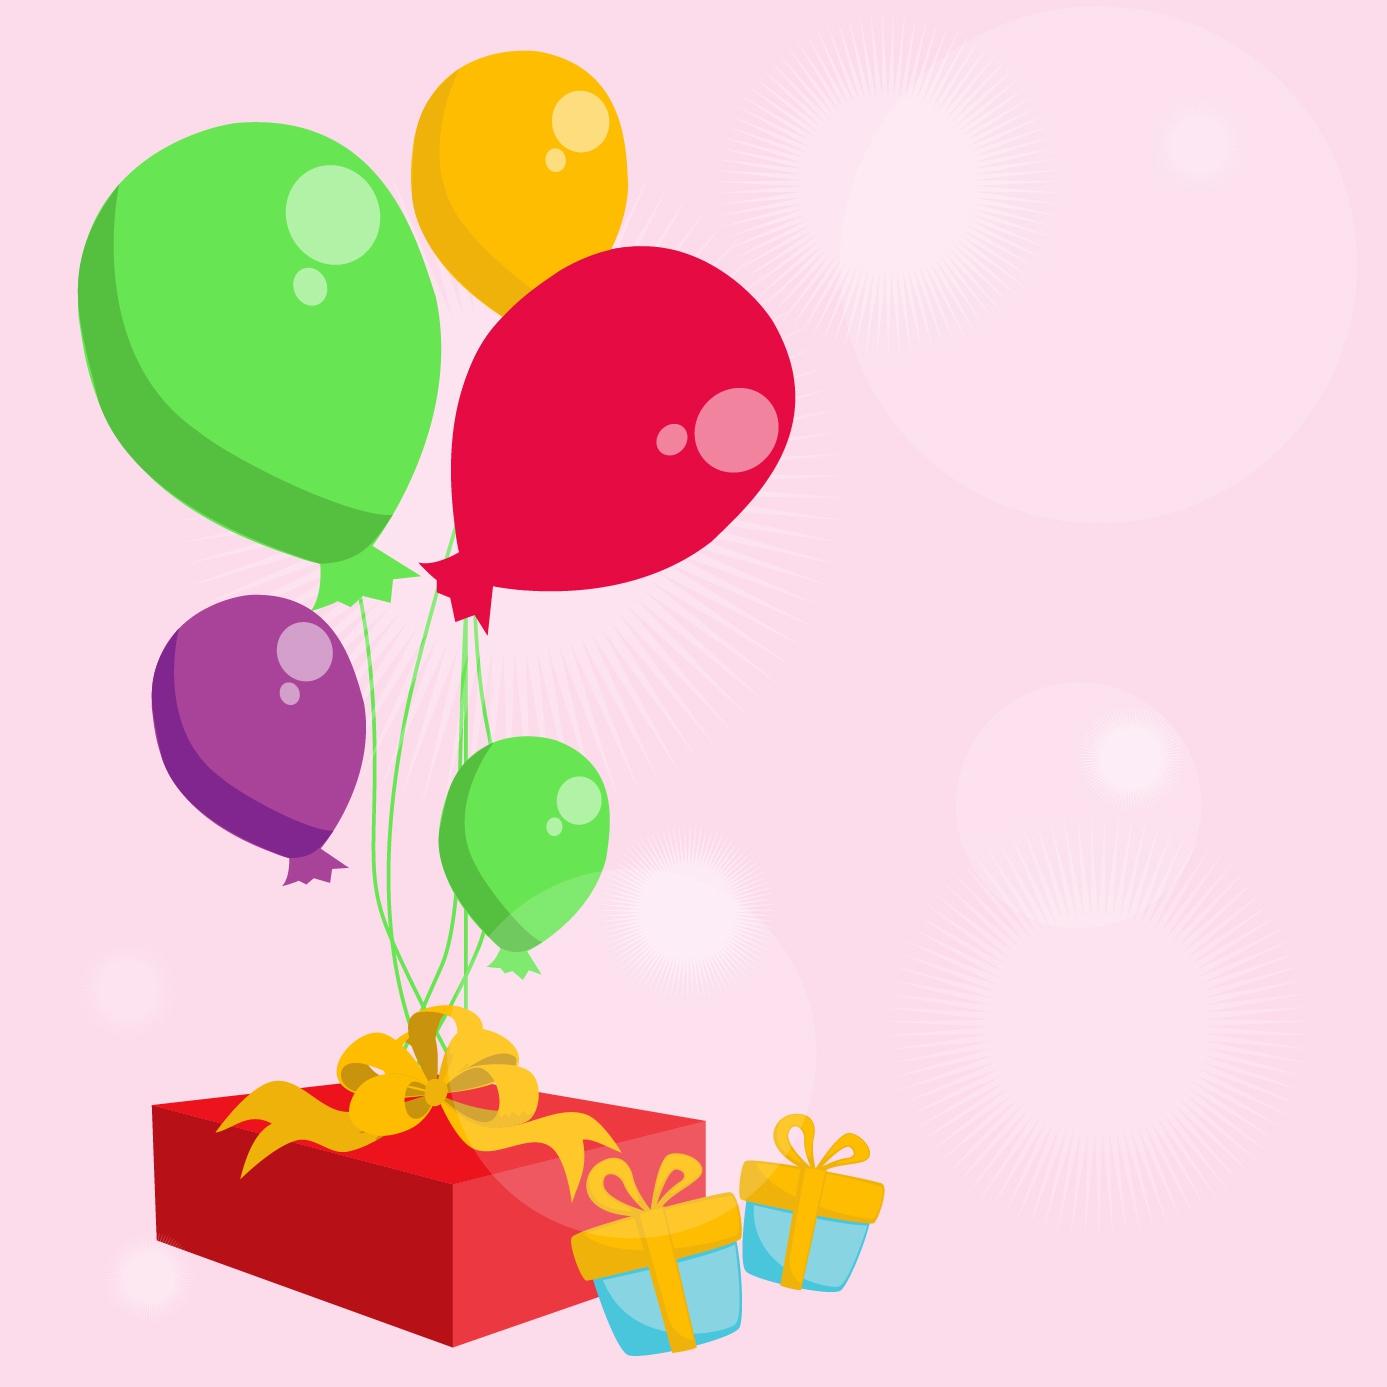 Картинка с подарками и шариками